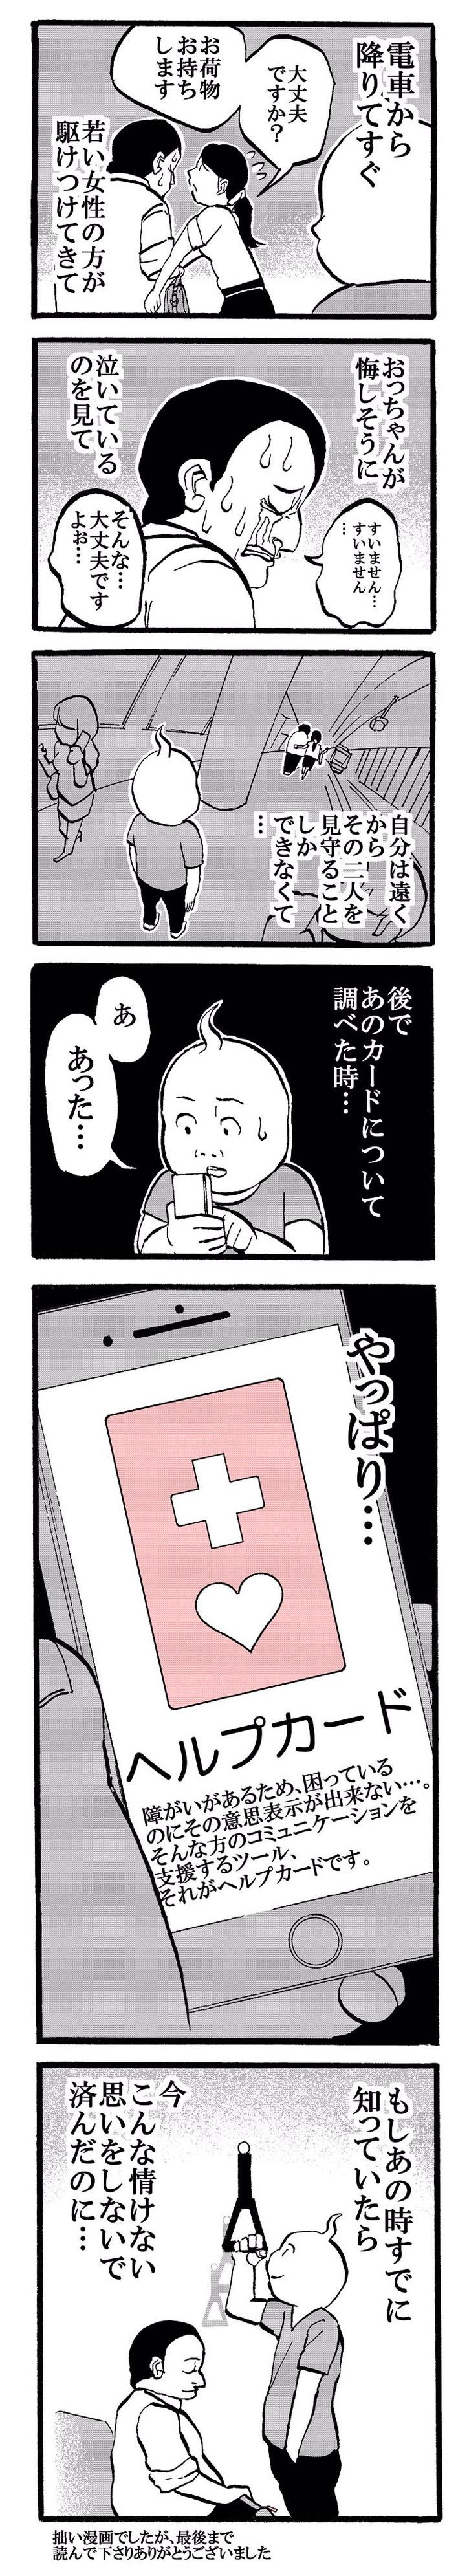 漫画2016071104